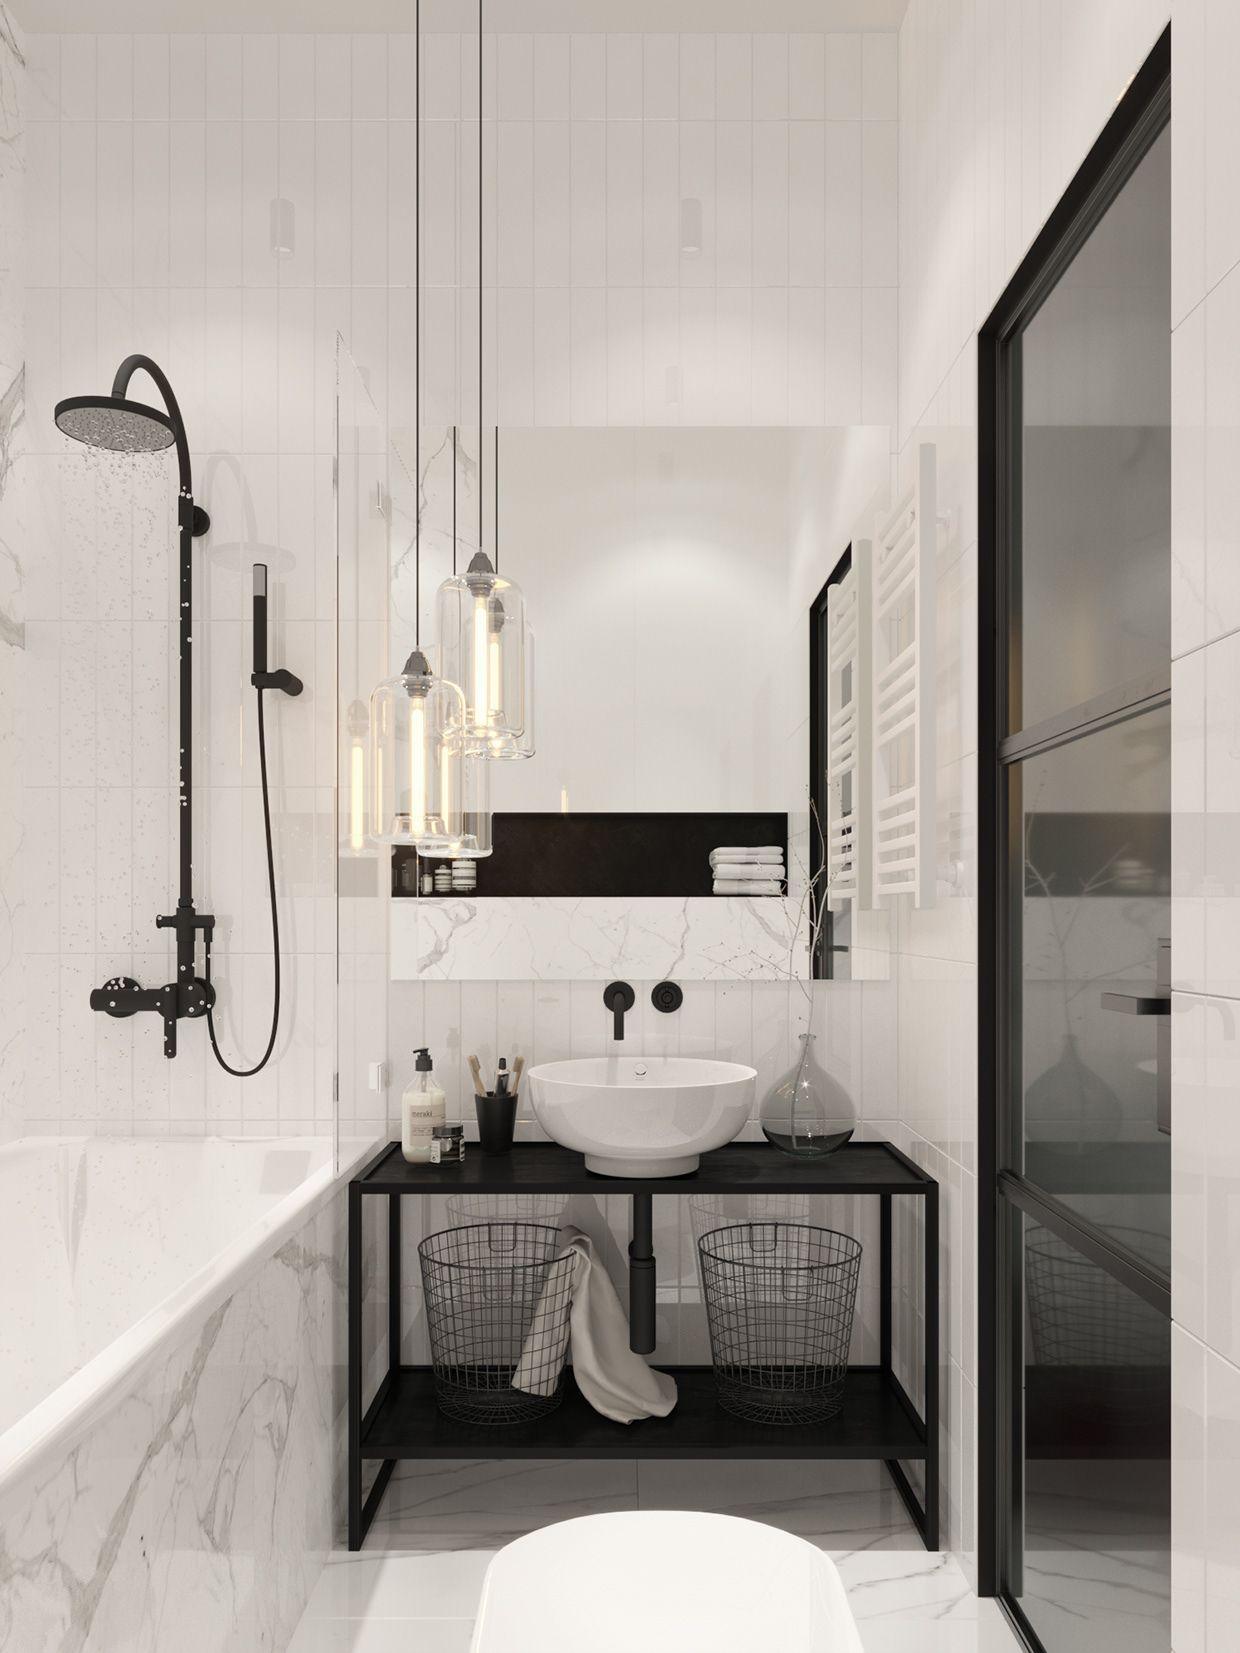 Total Look Noir Et Blanc Pour Cette Salle De Bain La Fois Classique Au Design Impeccable Bathroom Bathroomideas Bathroomdesign Salledebain